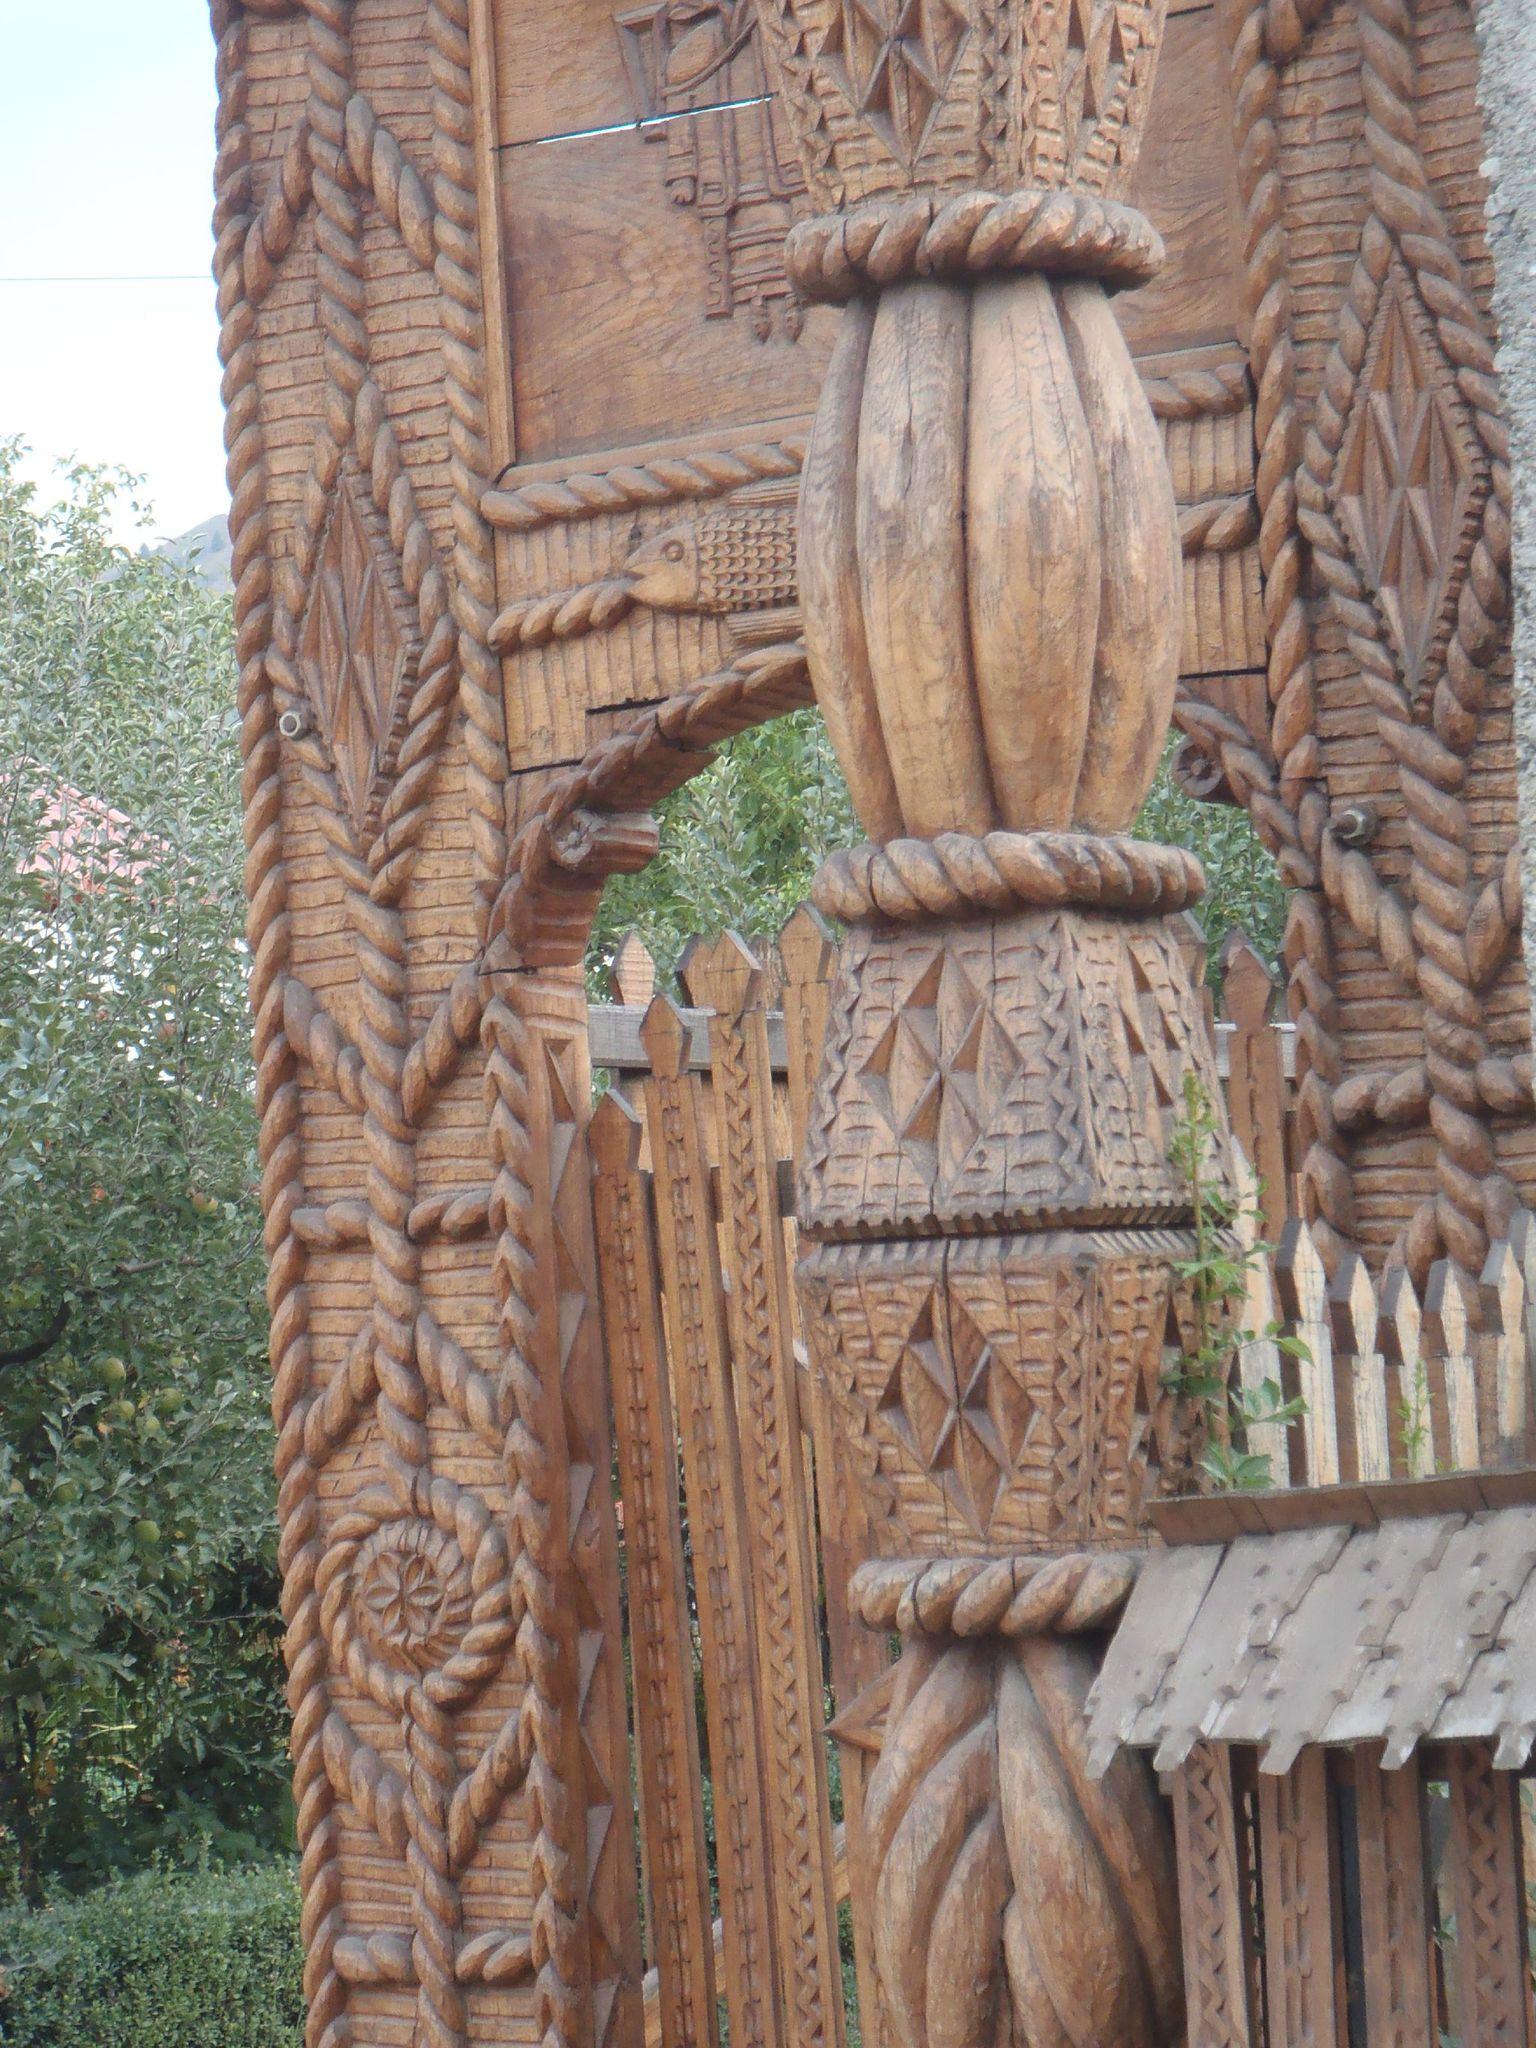 roumanie maramures portail bois sculpté details